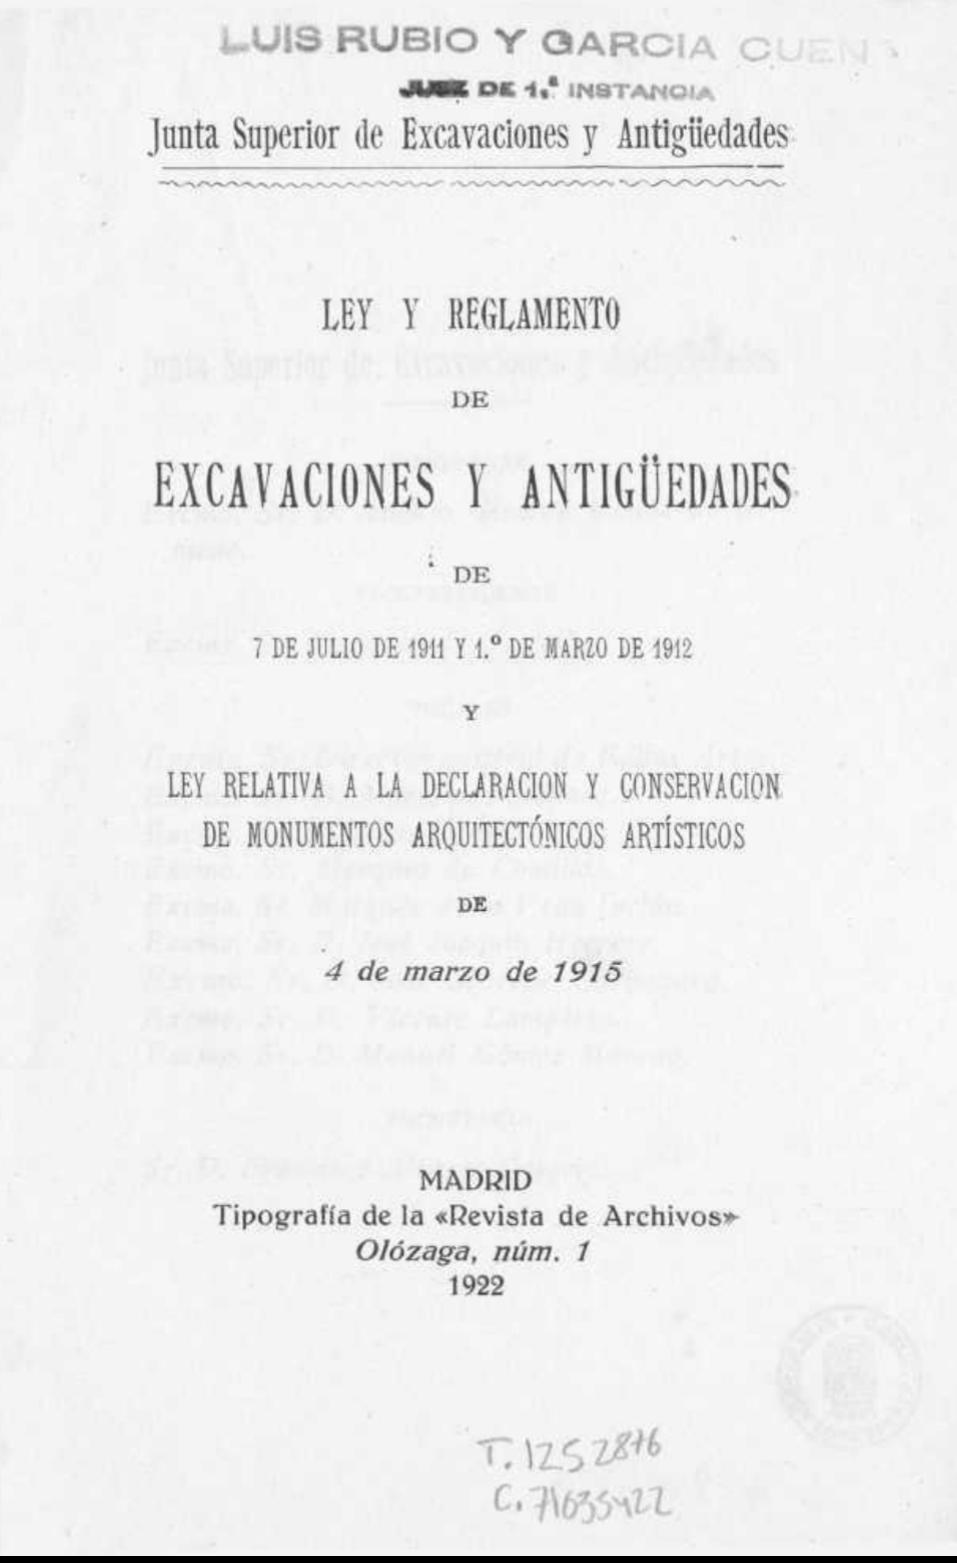 ley y reglamento de excavaciones y antigüedades de 1911